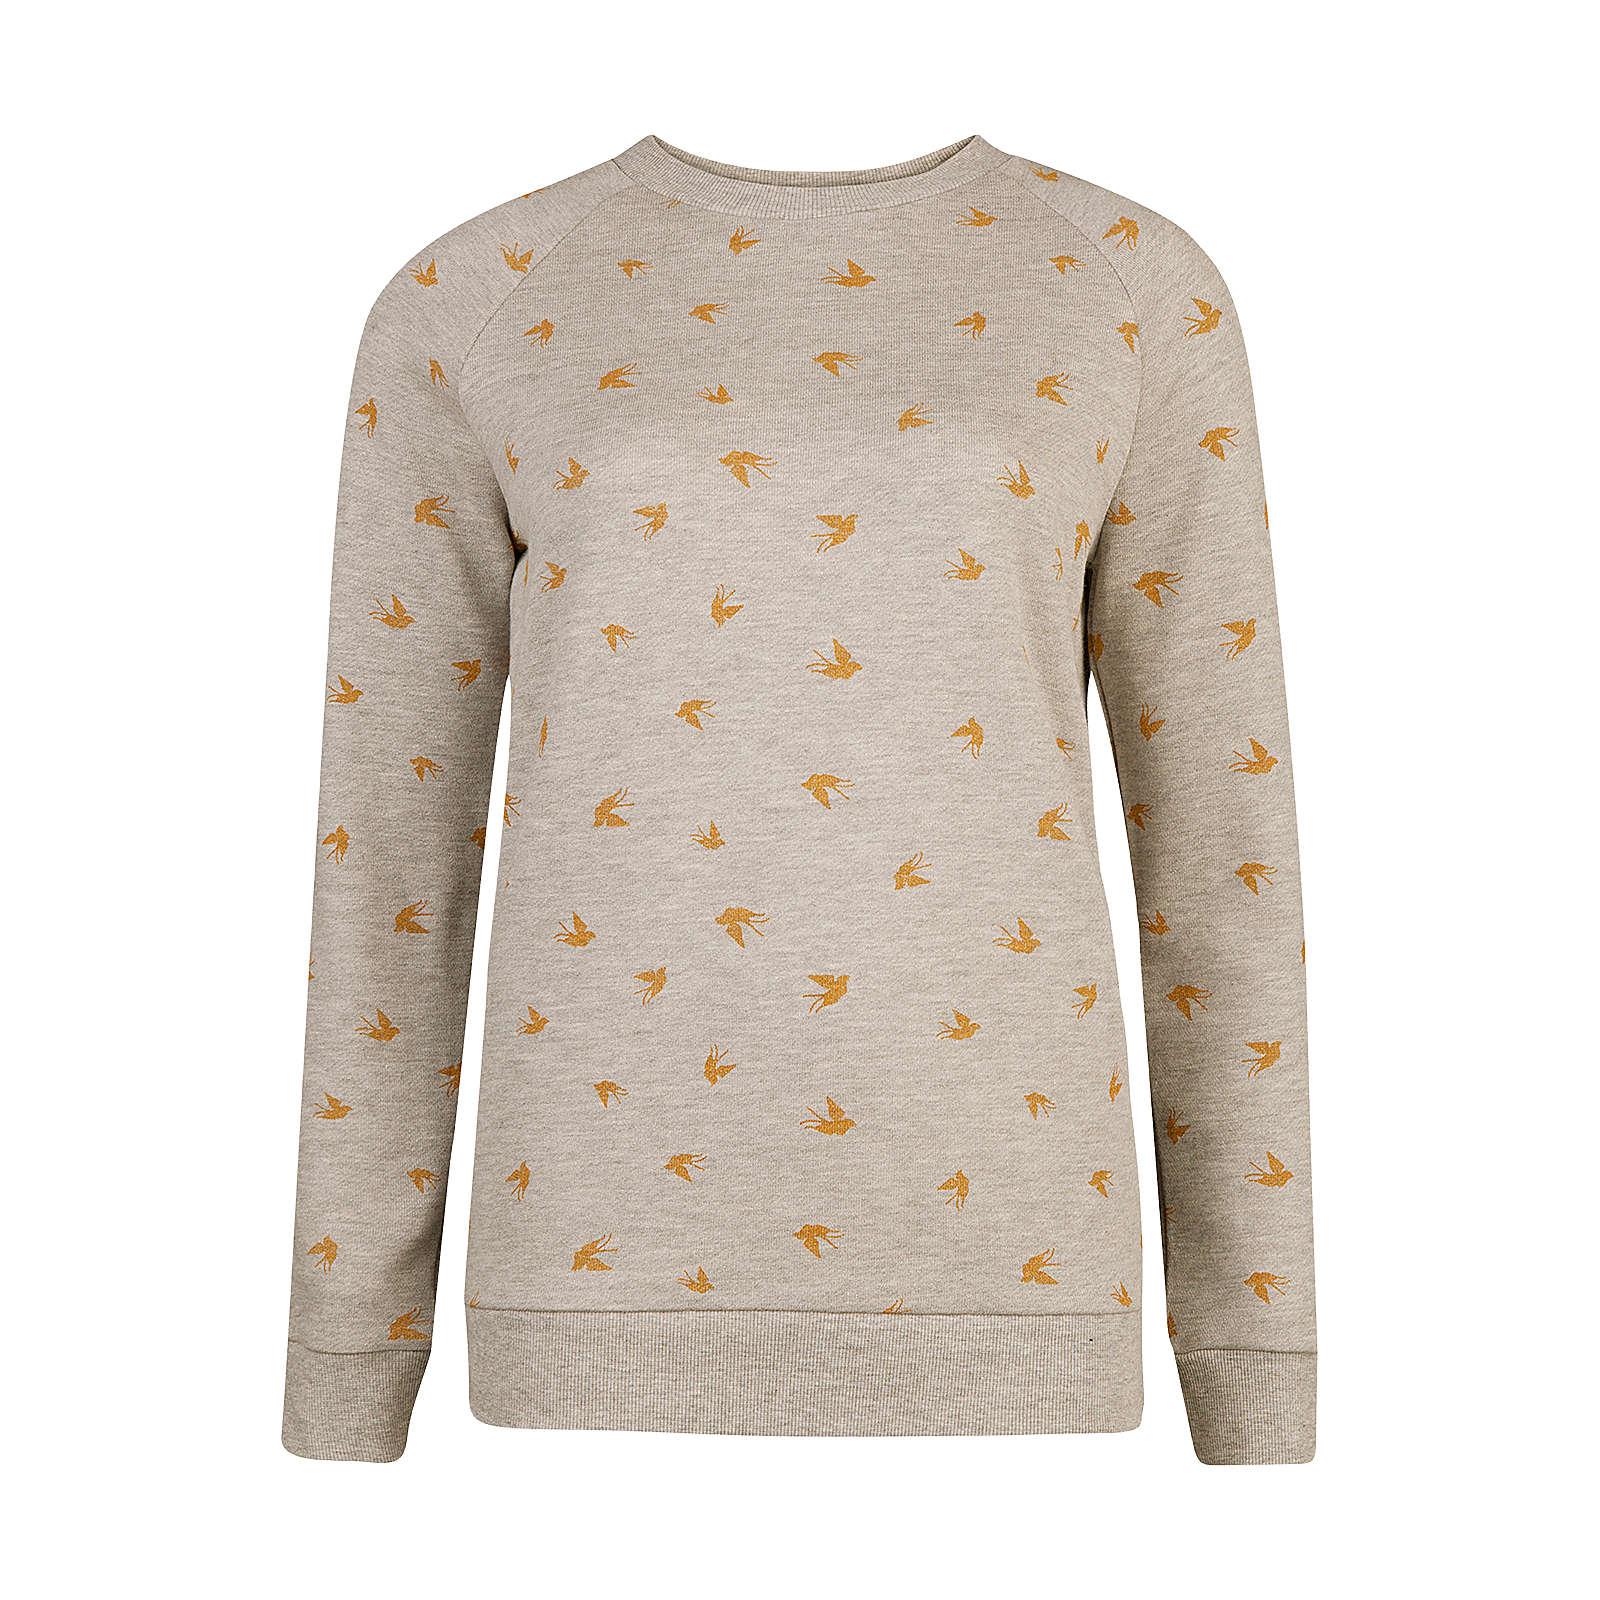 WE Fashion Sweatshirt grau Damen Gr. 34